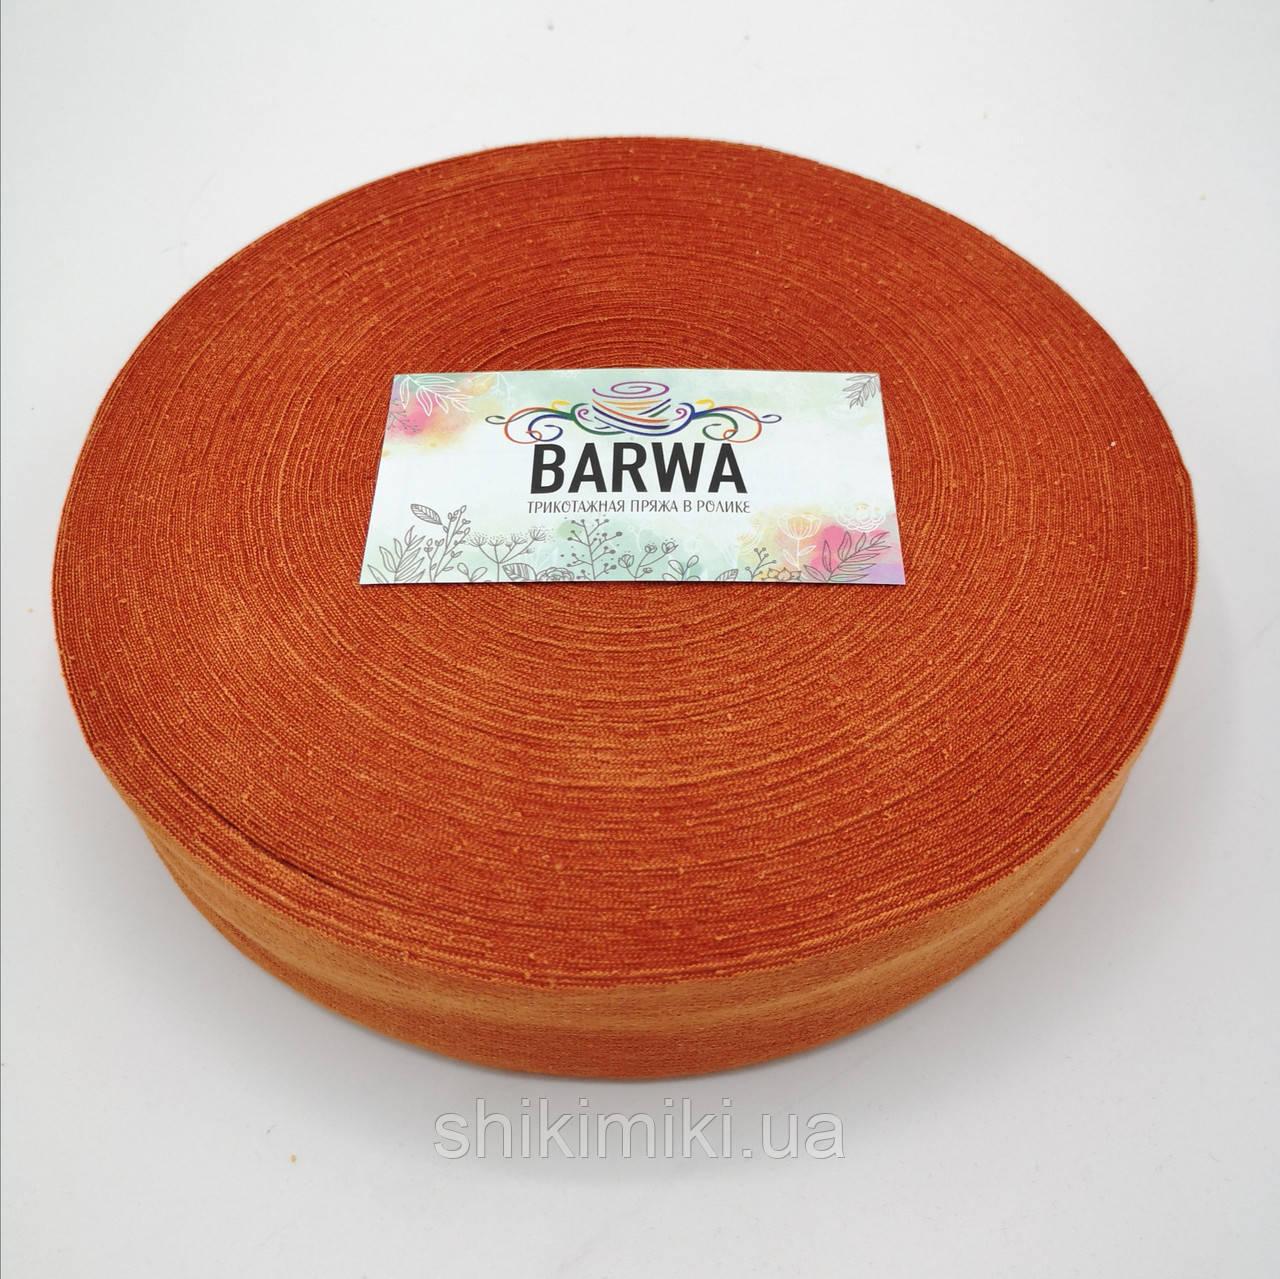 Трикотажная пряжа Barwa в роликах, цвет Терракот